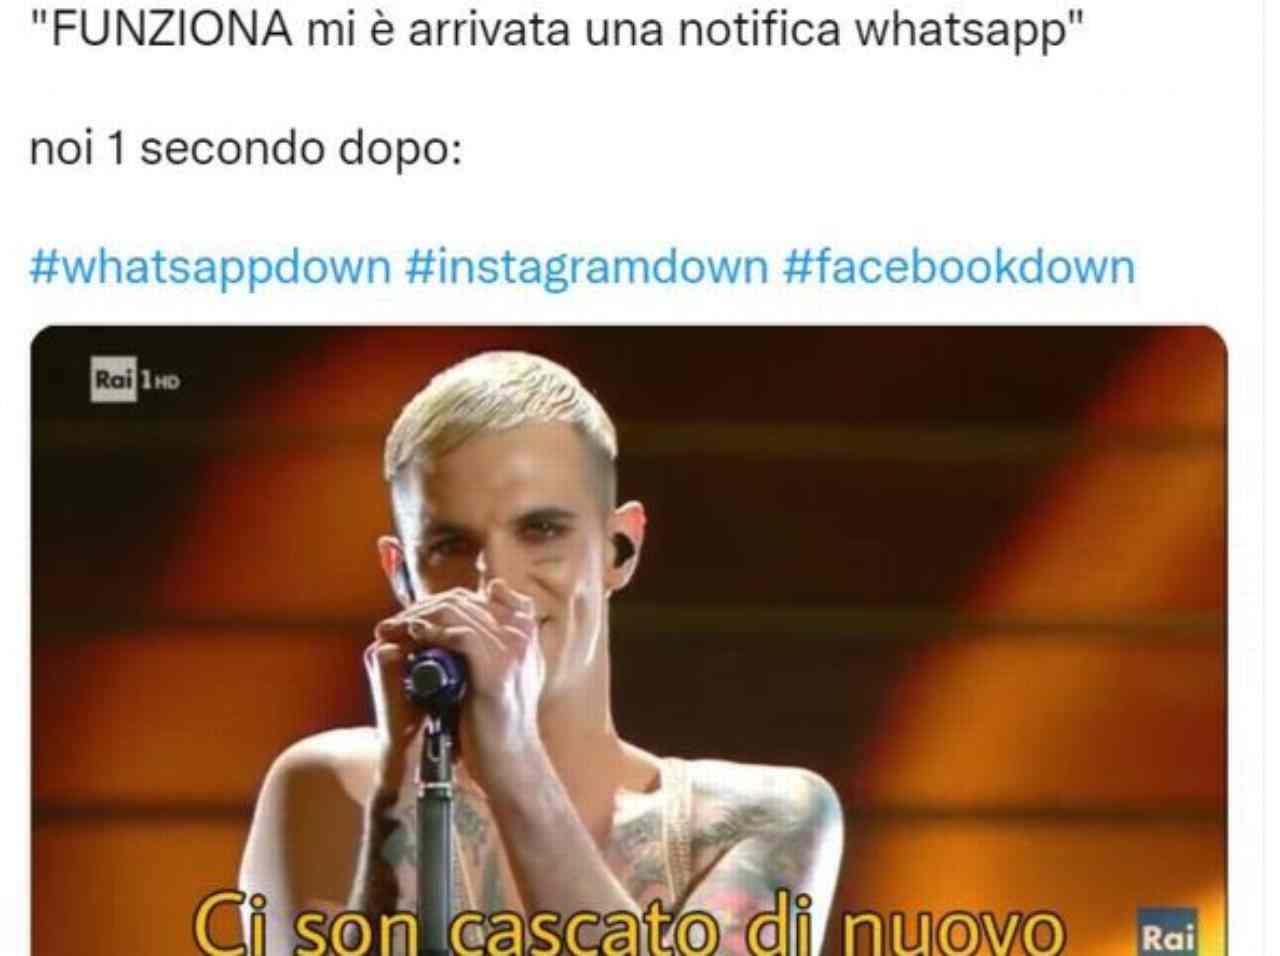 WhatsApp down: alcuni meme